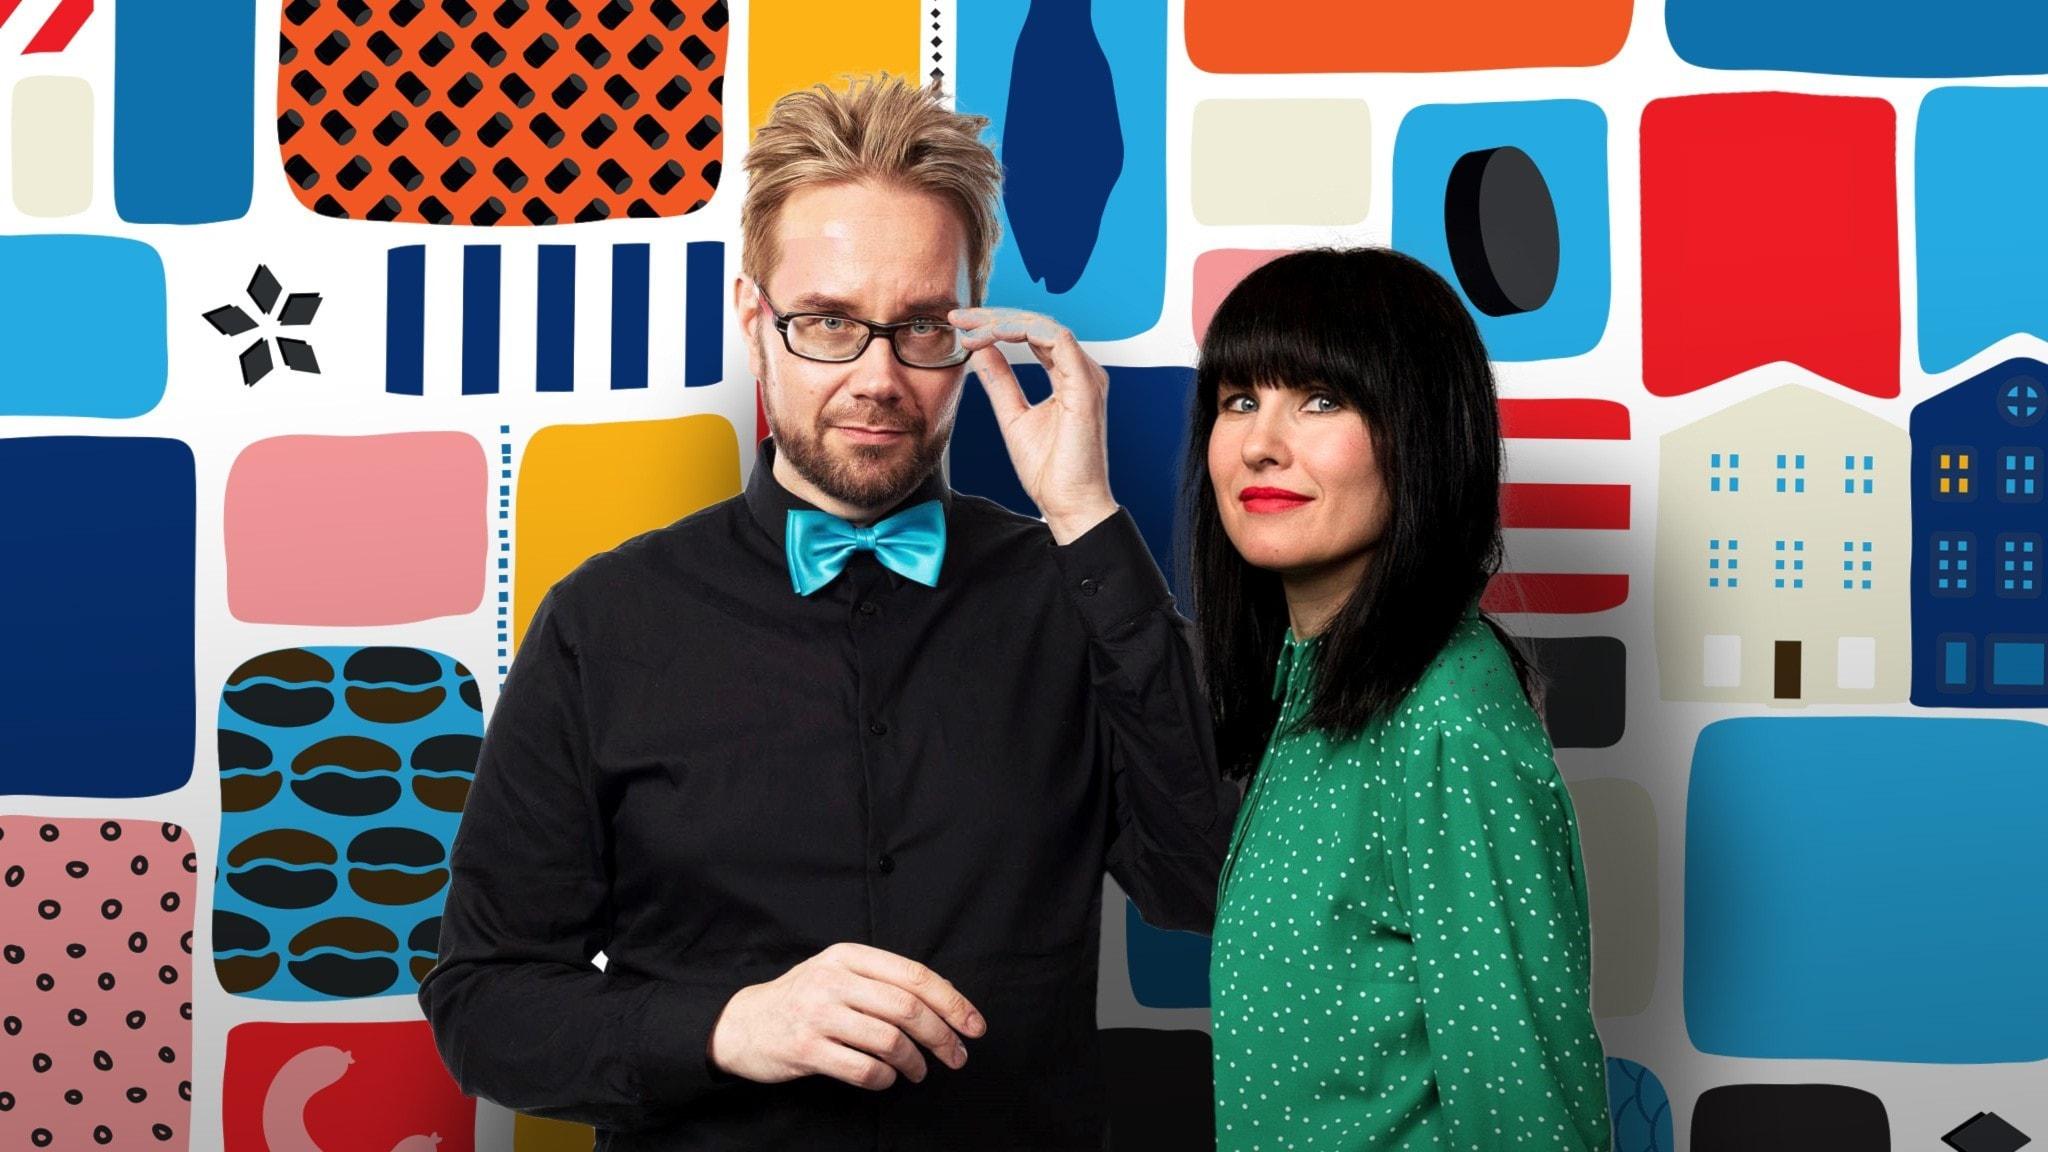 Programledarna Erkki och Hanna framför en färgglad bakgrund.